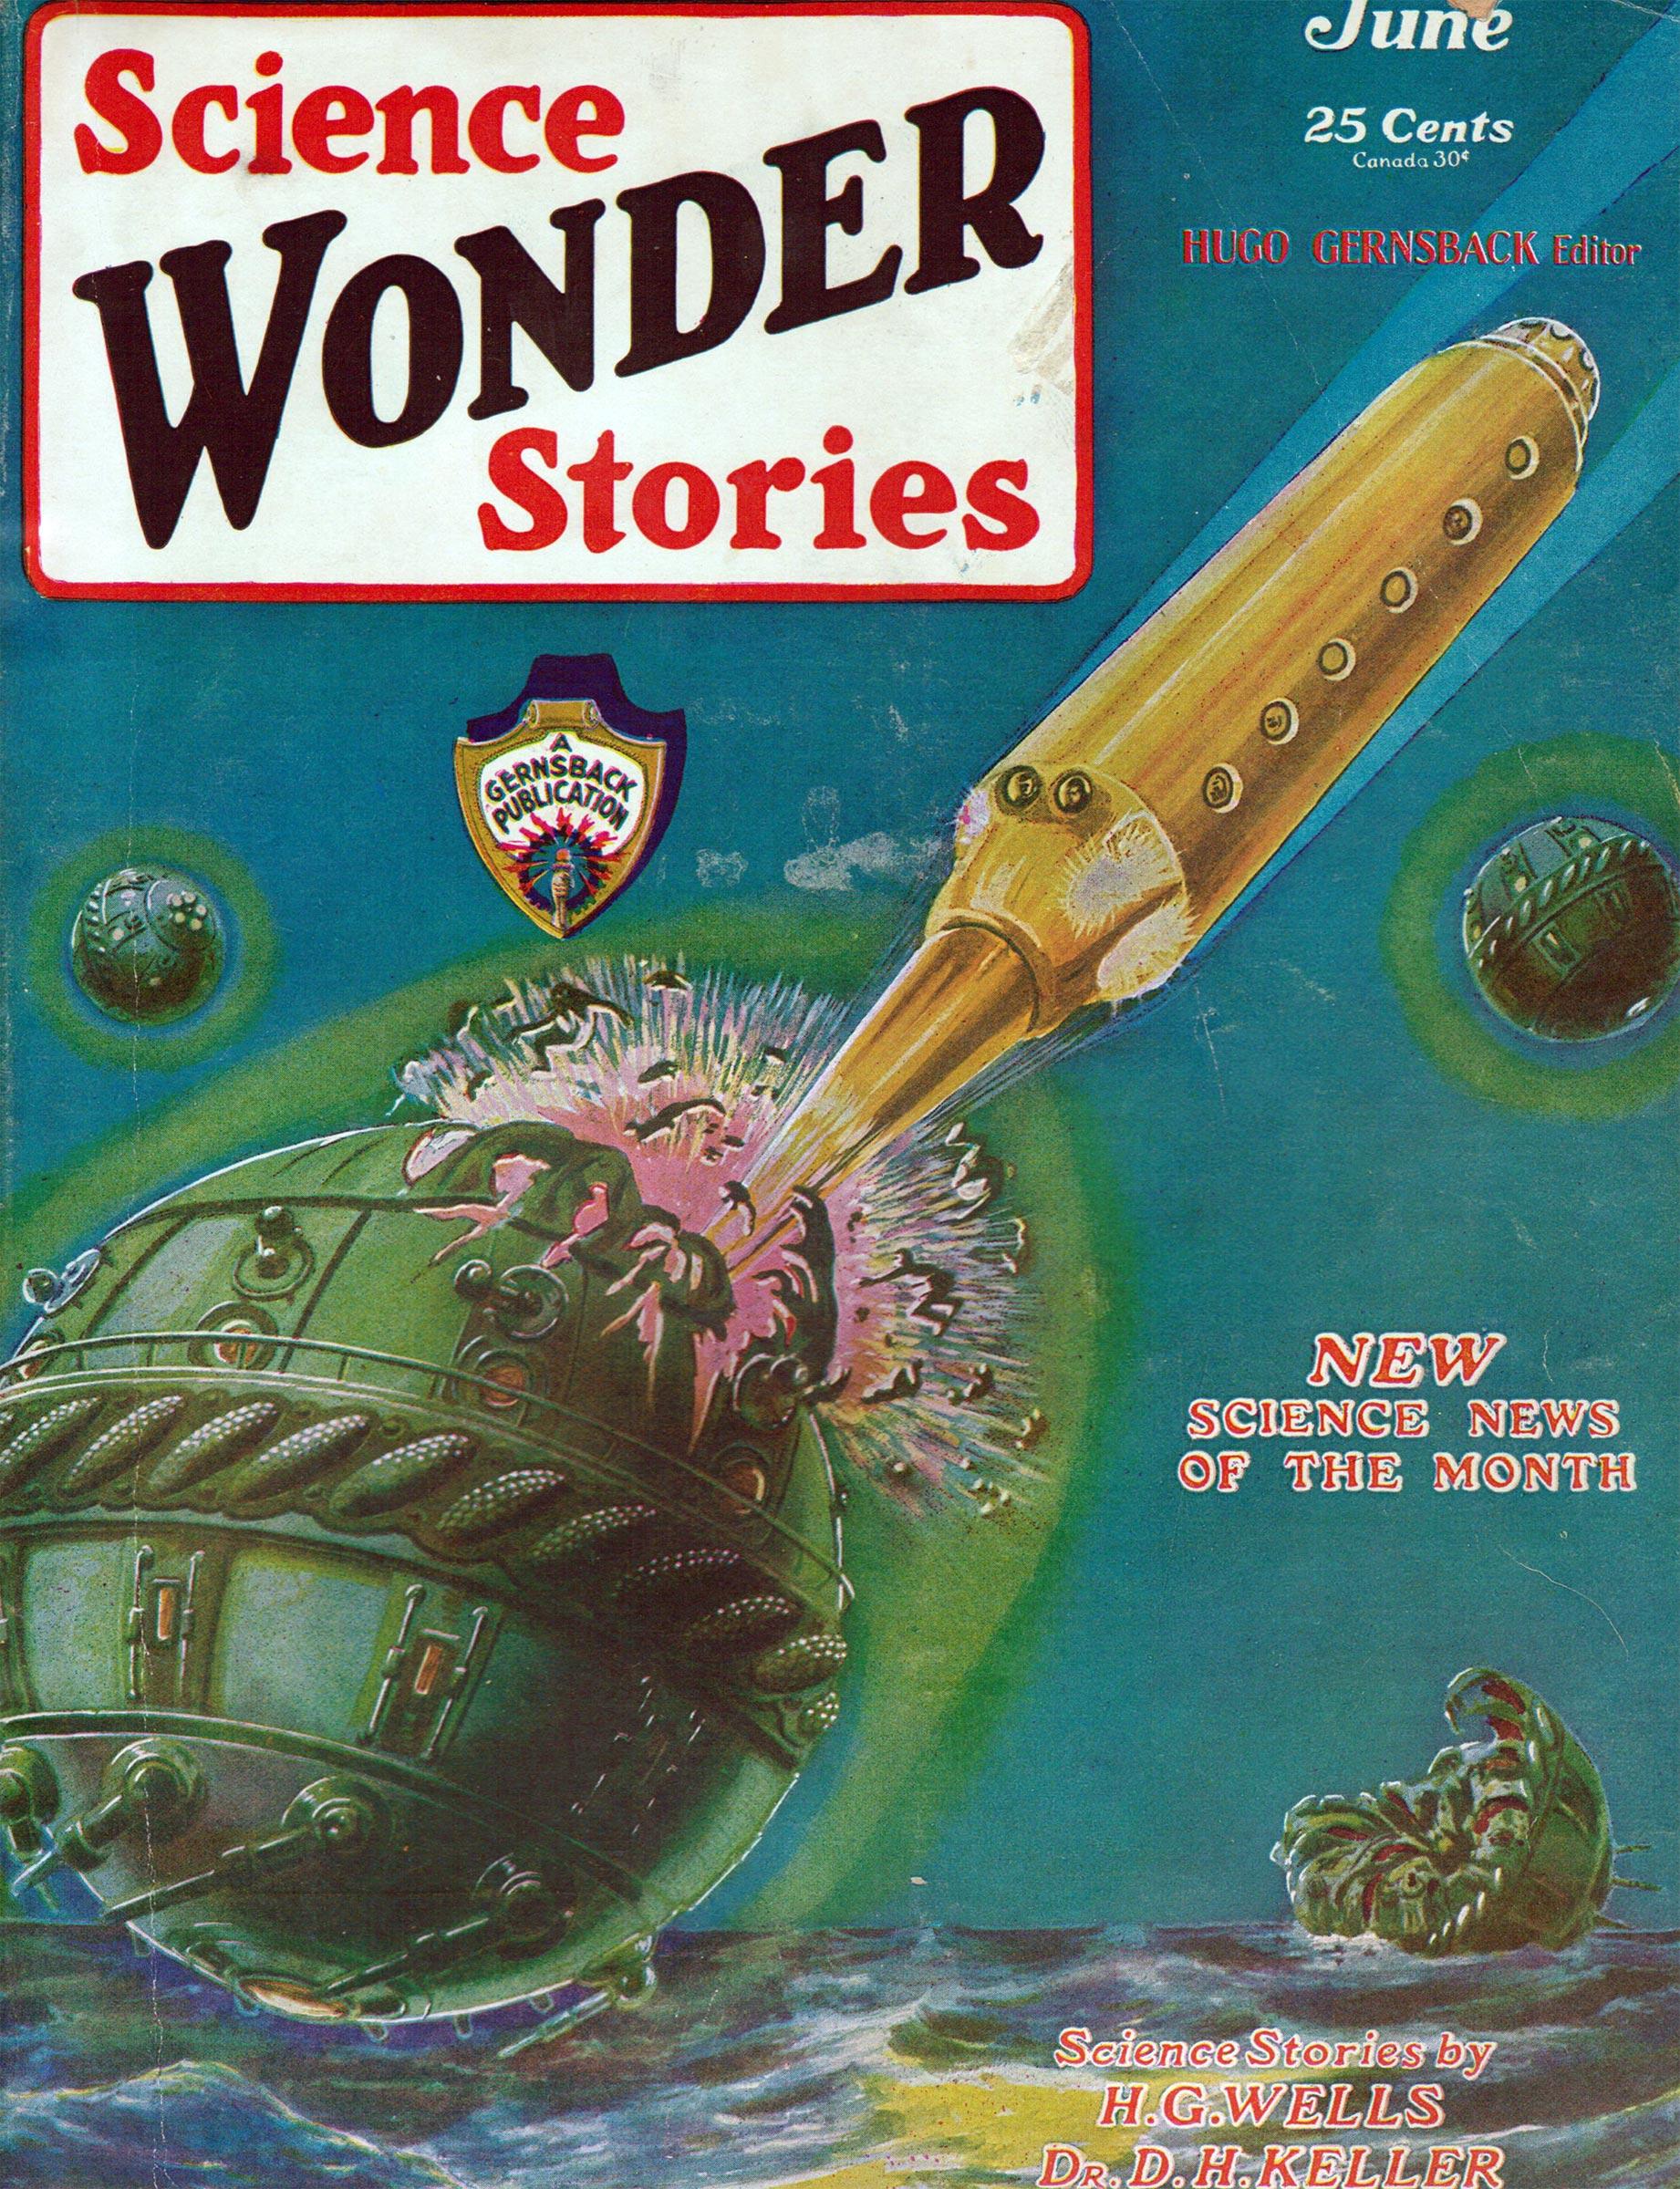 File:Science Wonder Stories 1929 June.jpg